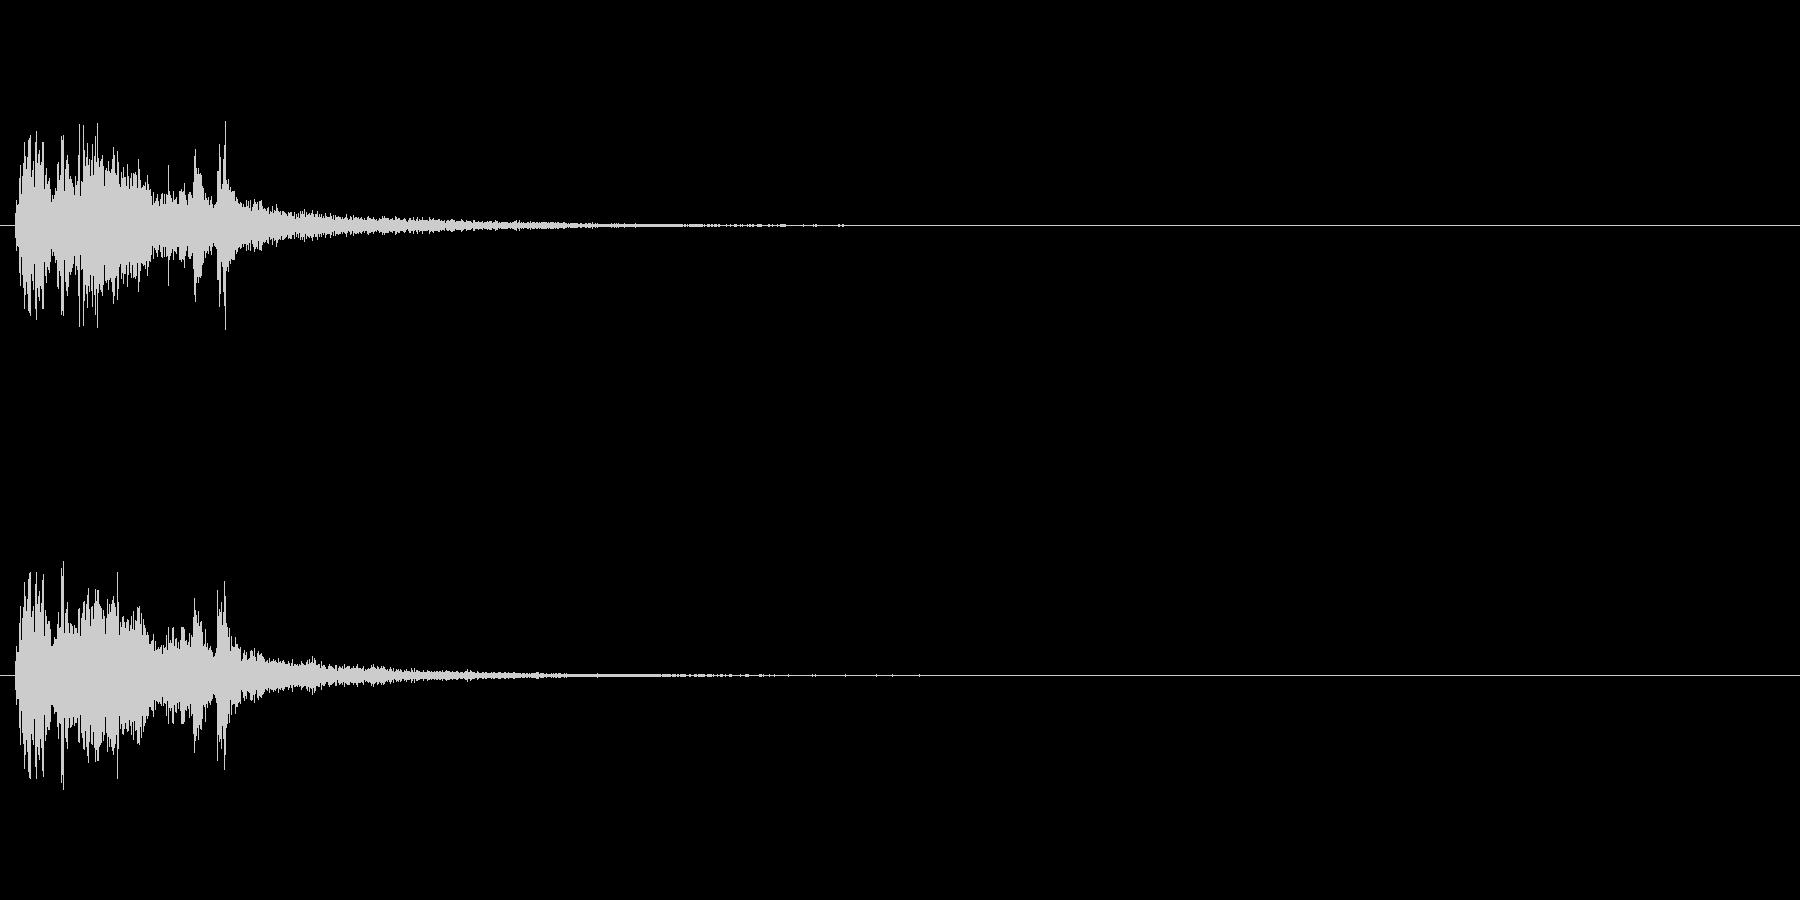 重金属的な効果音「ジャラリーン」の未再生の波形